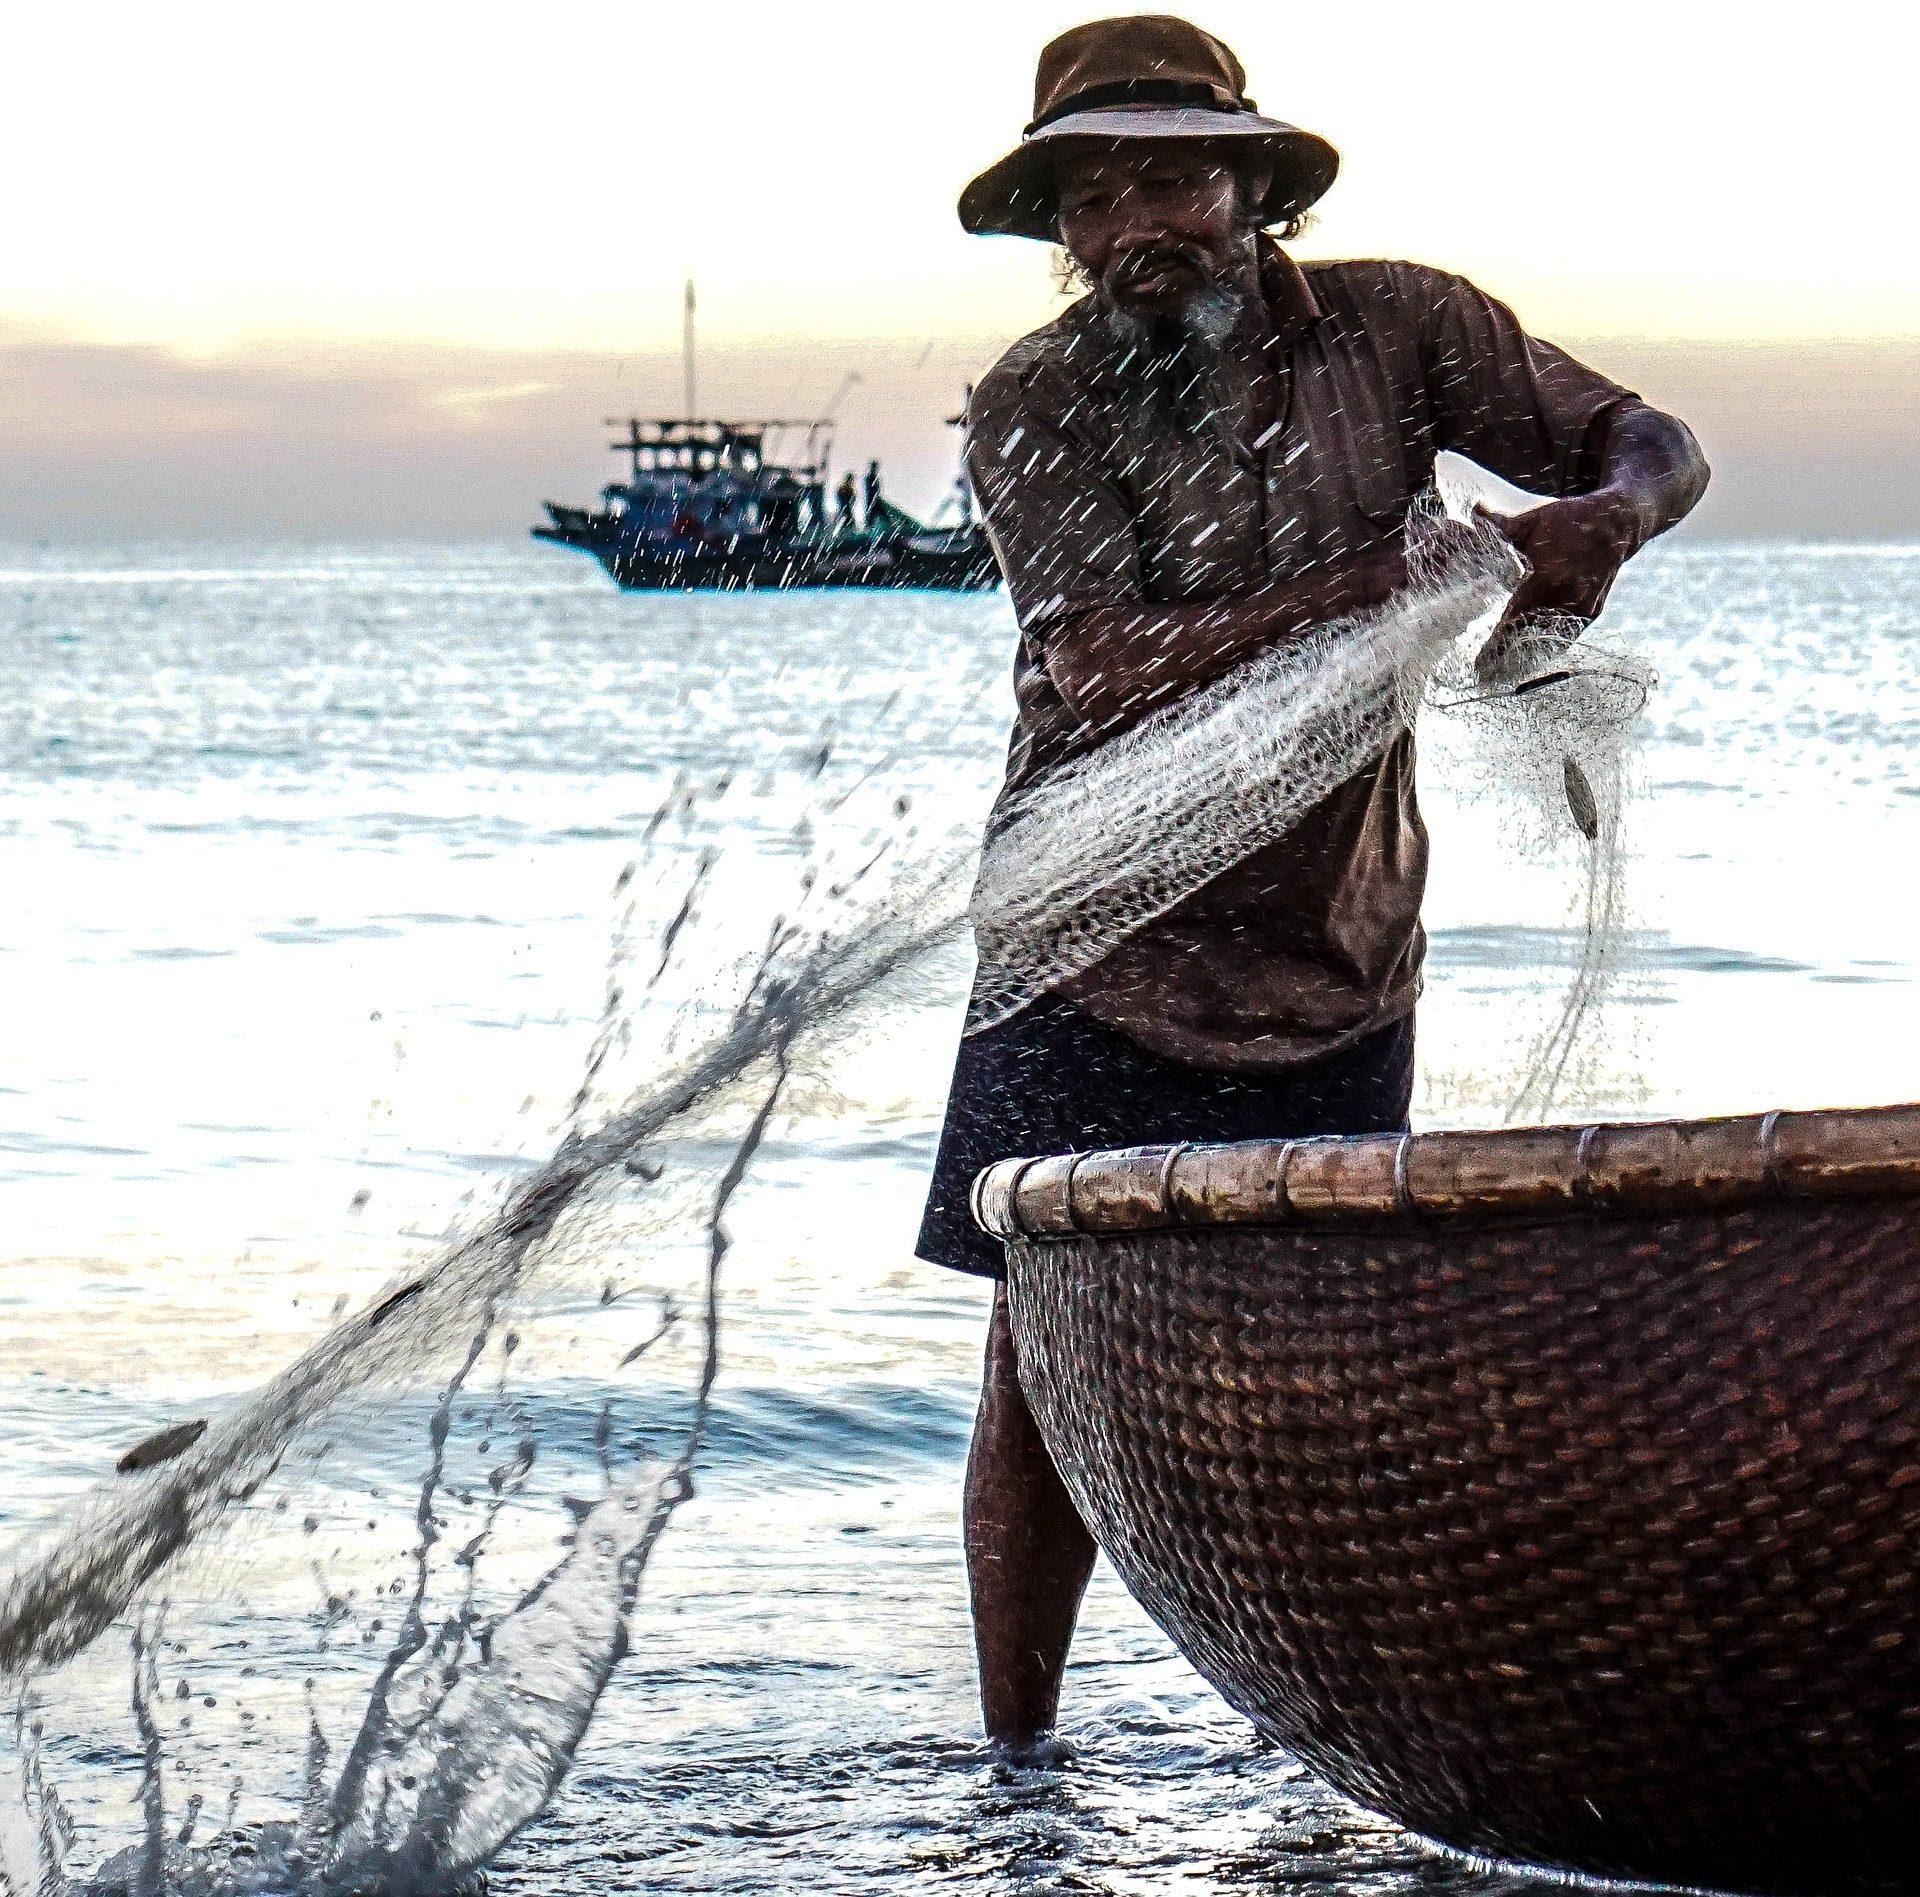 Pescatore, rete, Mare, Ocean, barca, maglia - Sfondi HD - Professor-falken.com